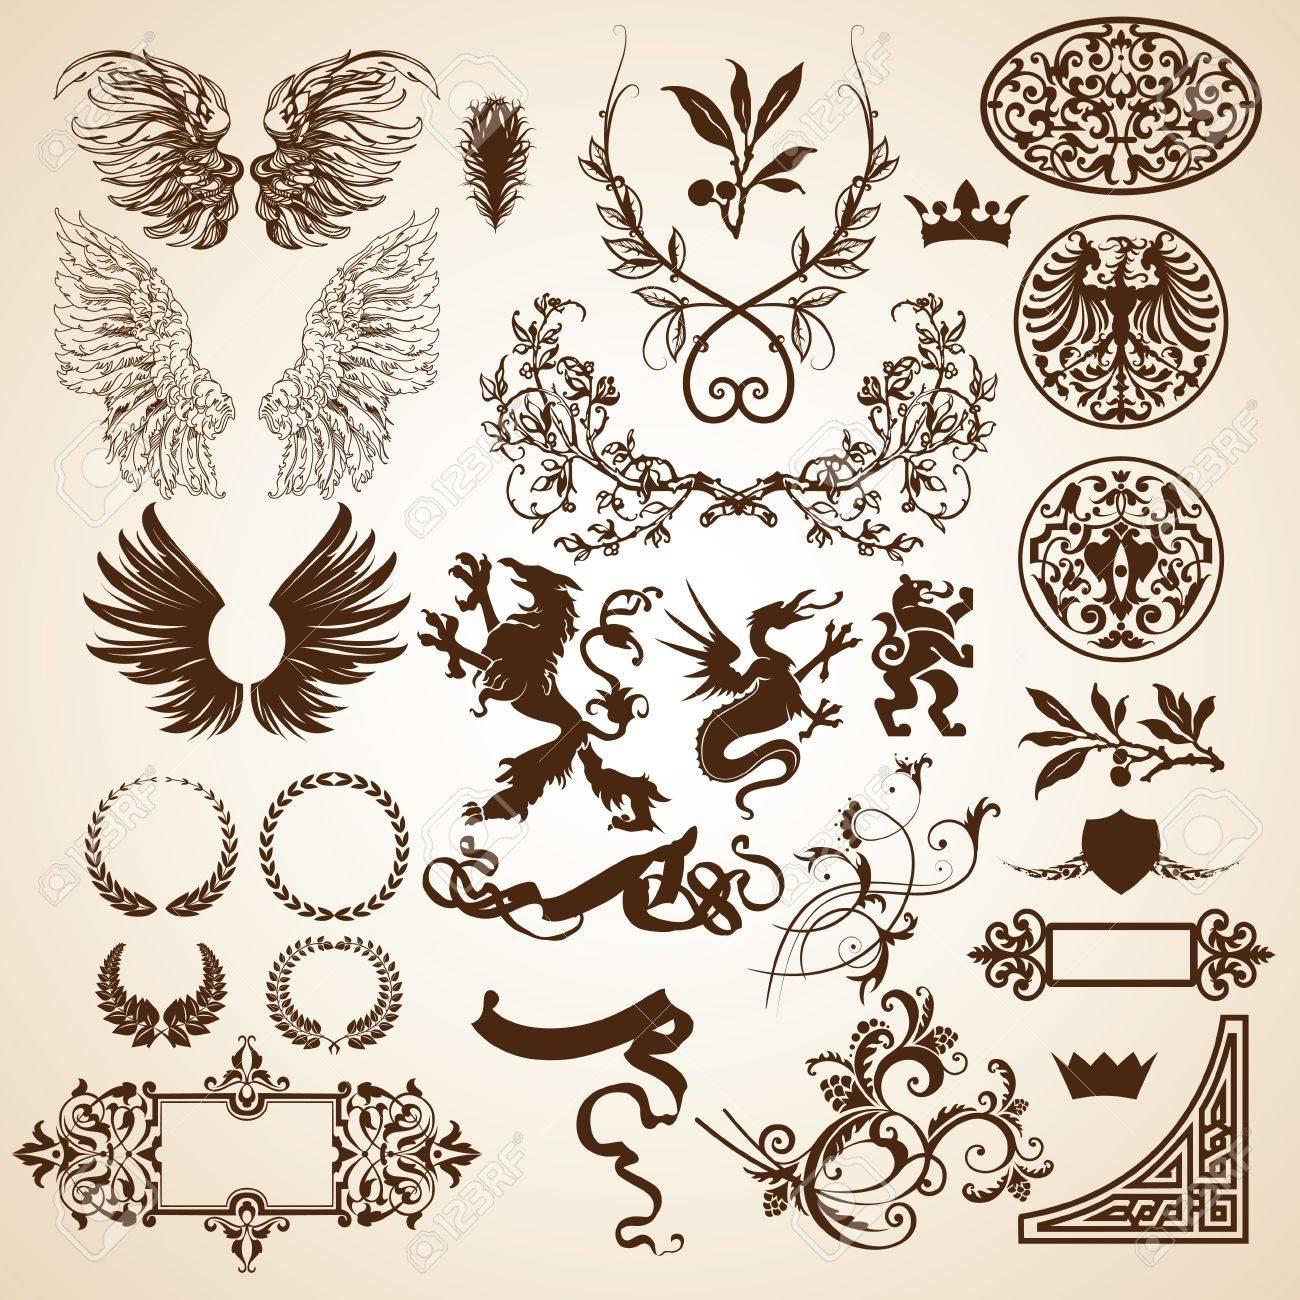 set of heraldic elements Stock Vector - 12820010